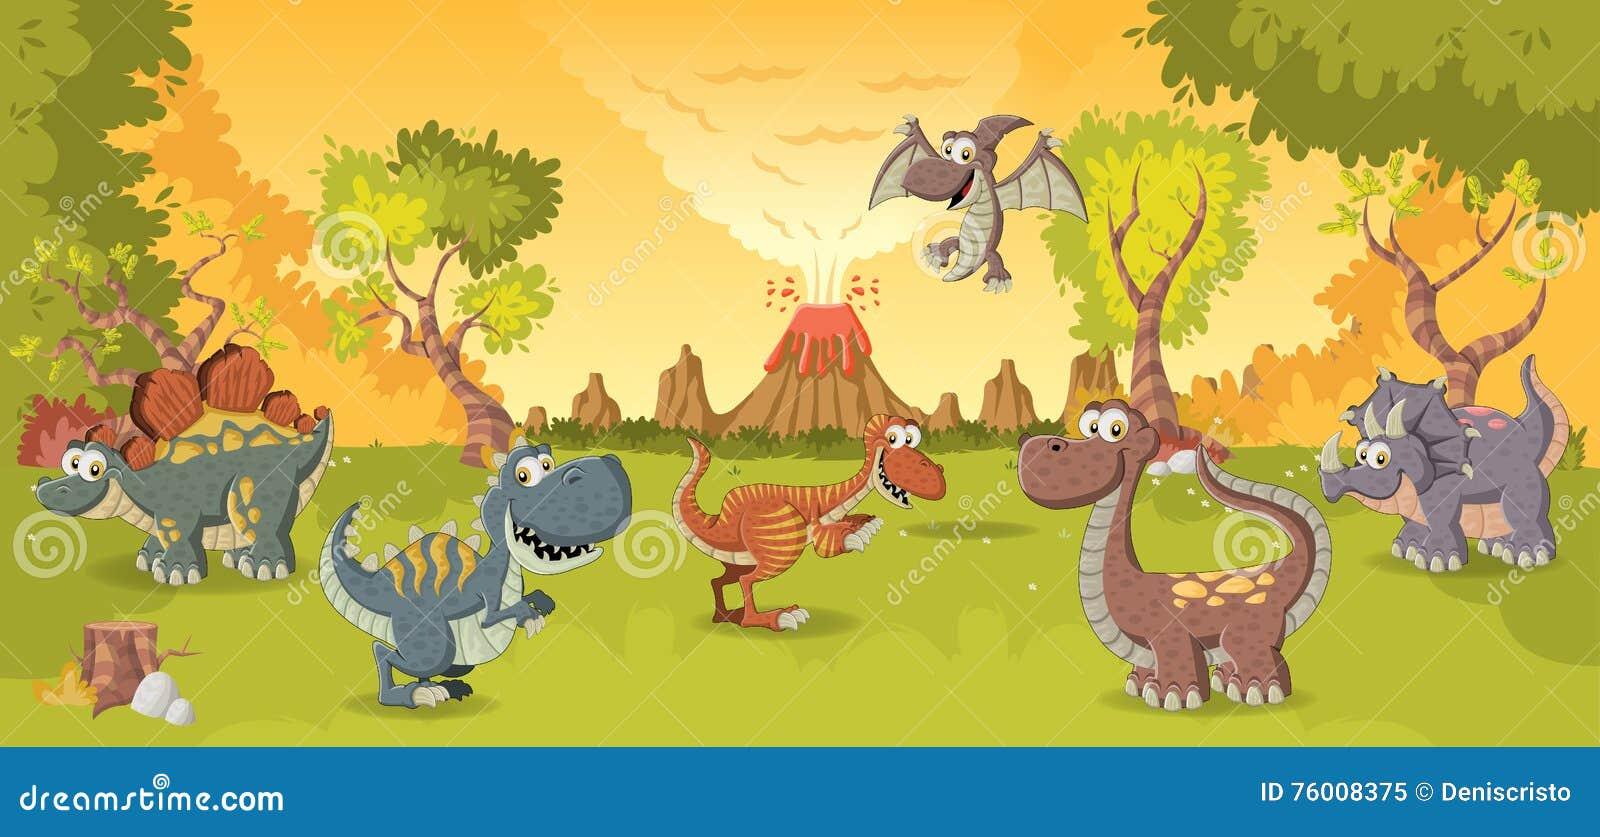 Cartoon Dinosaurs Stock Vector Illustration Of Environment